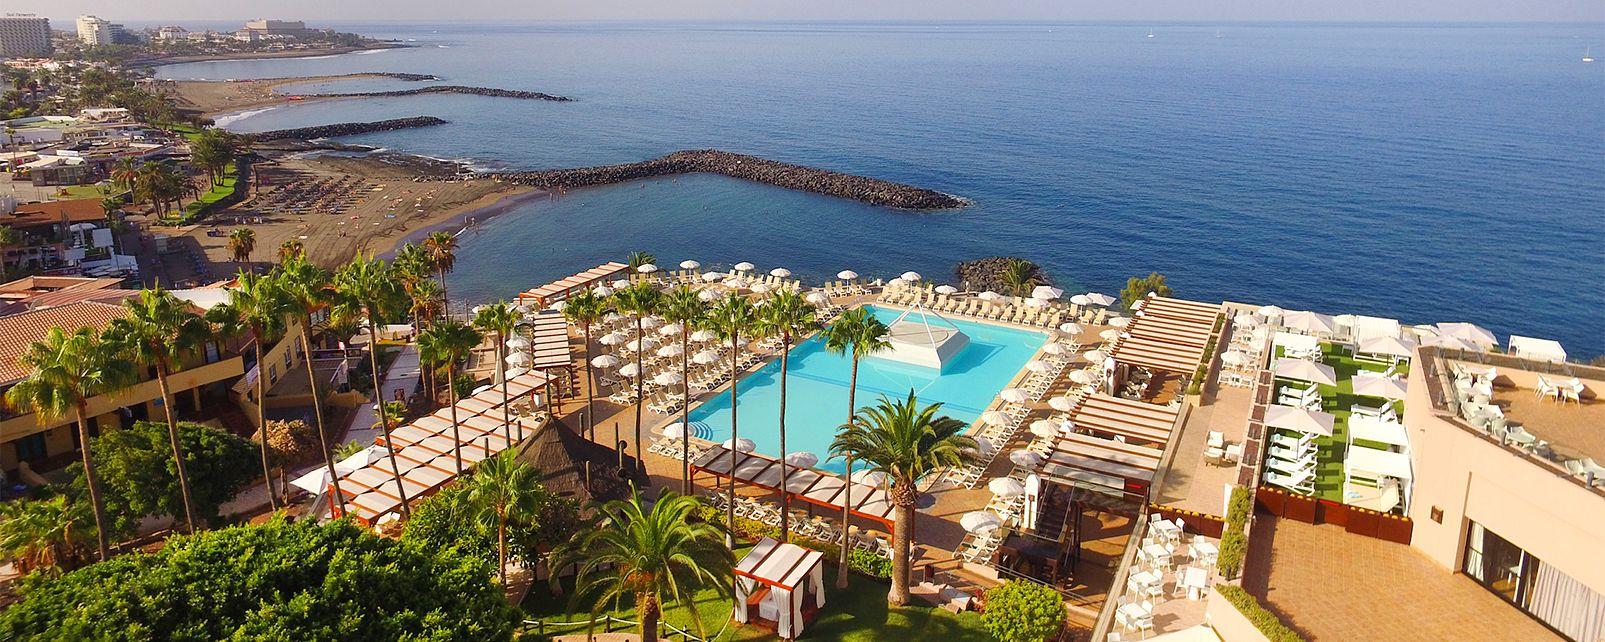 Hotel Bouganville Playa